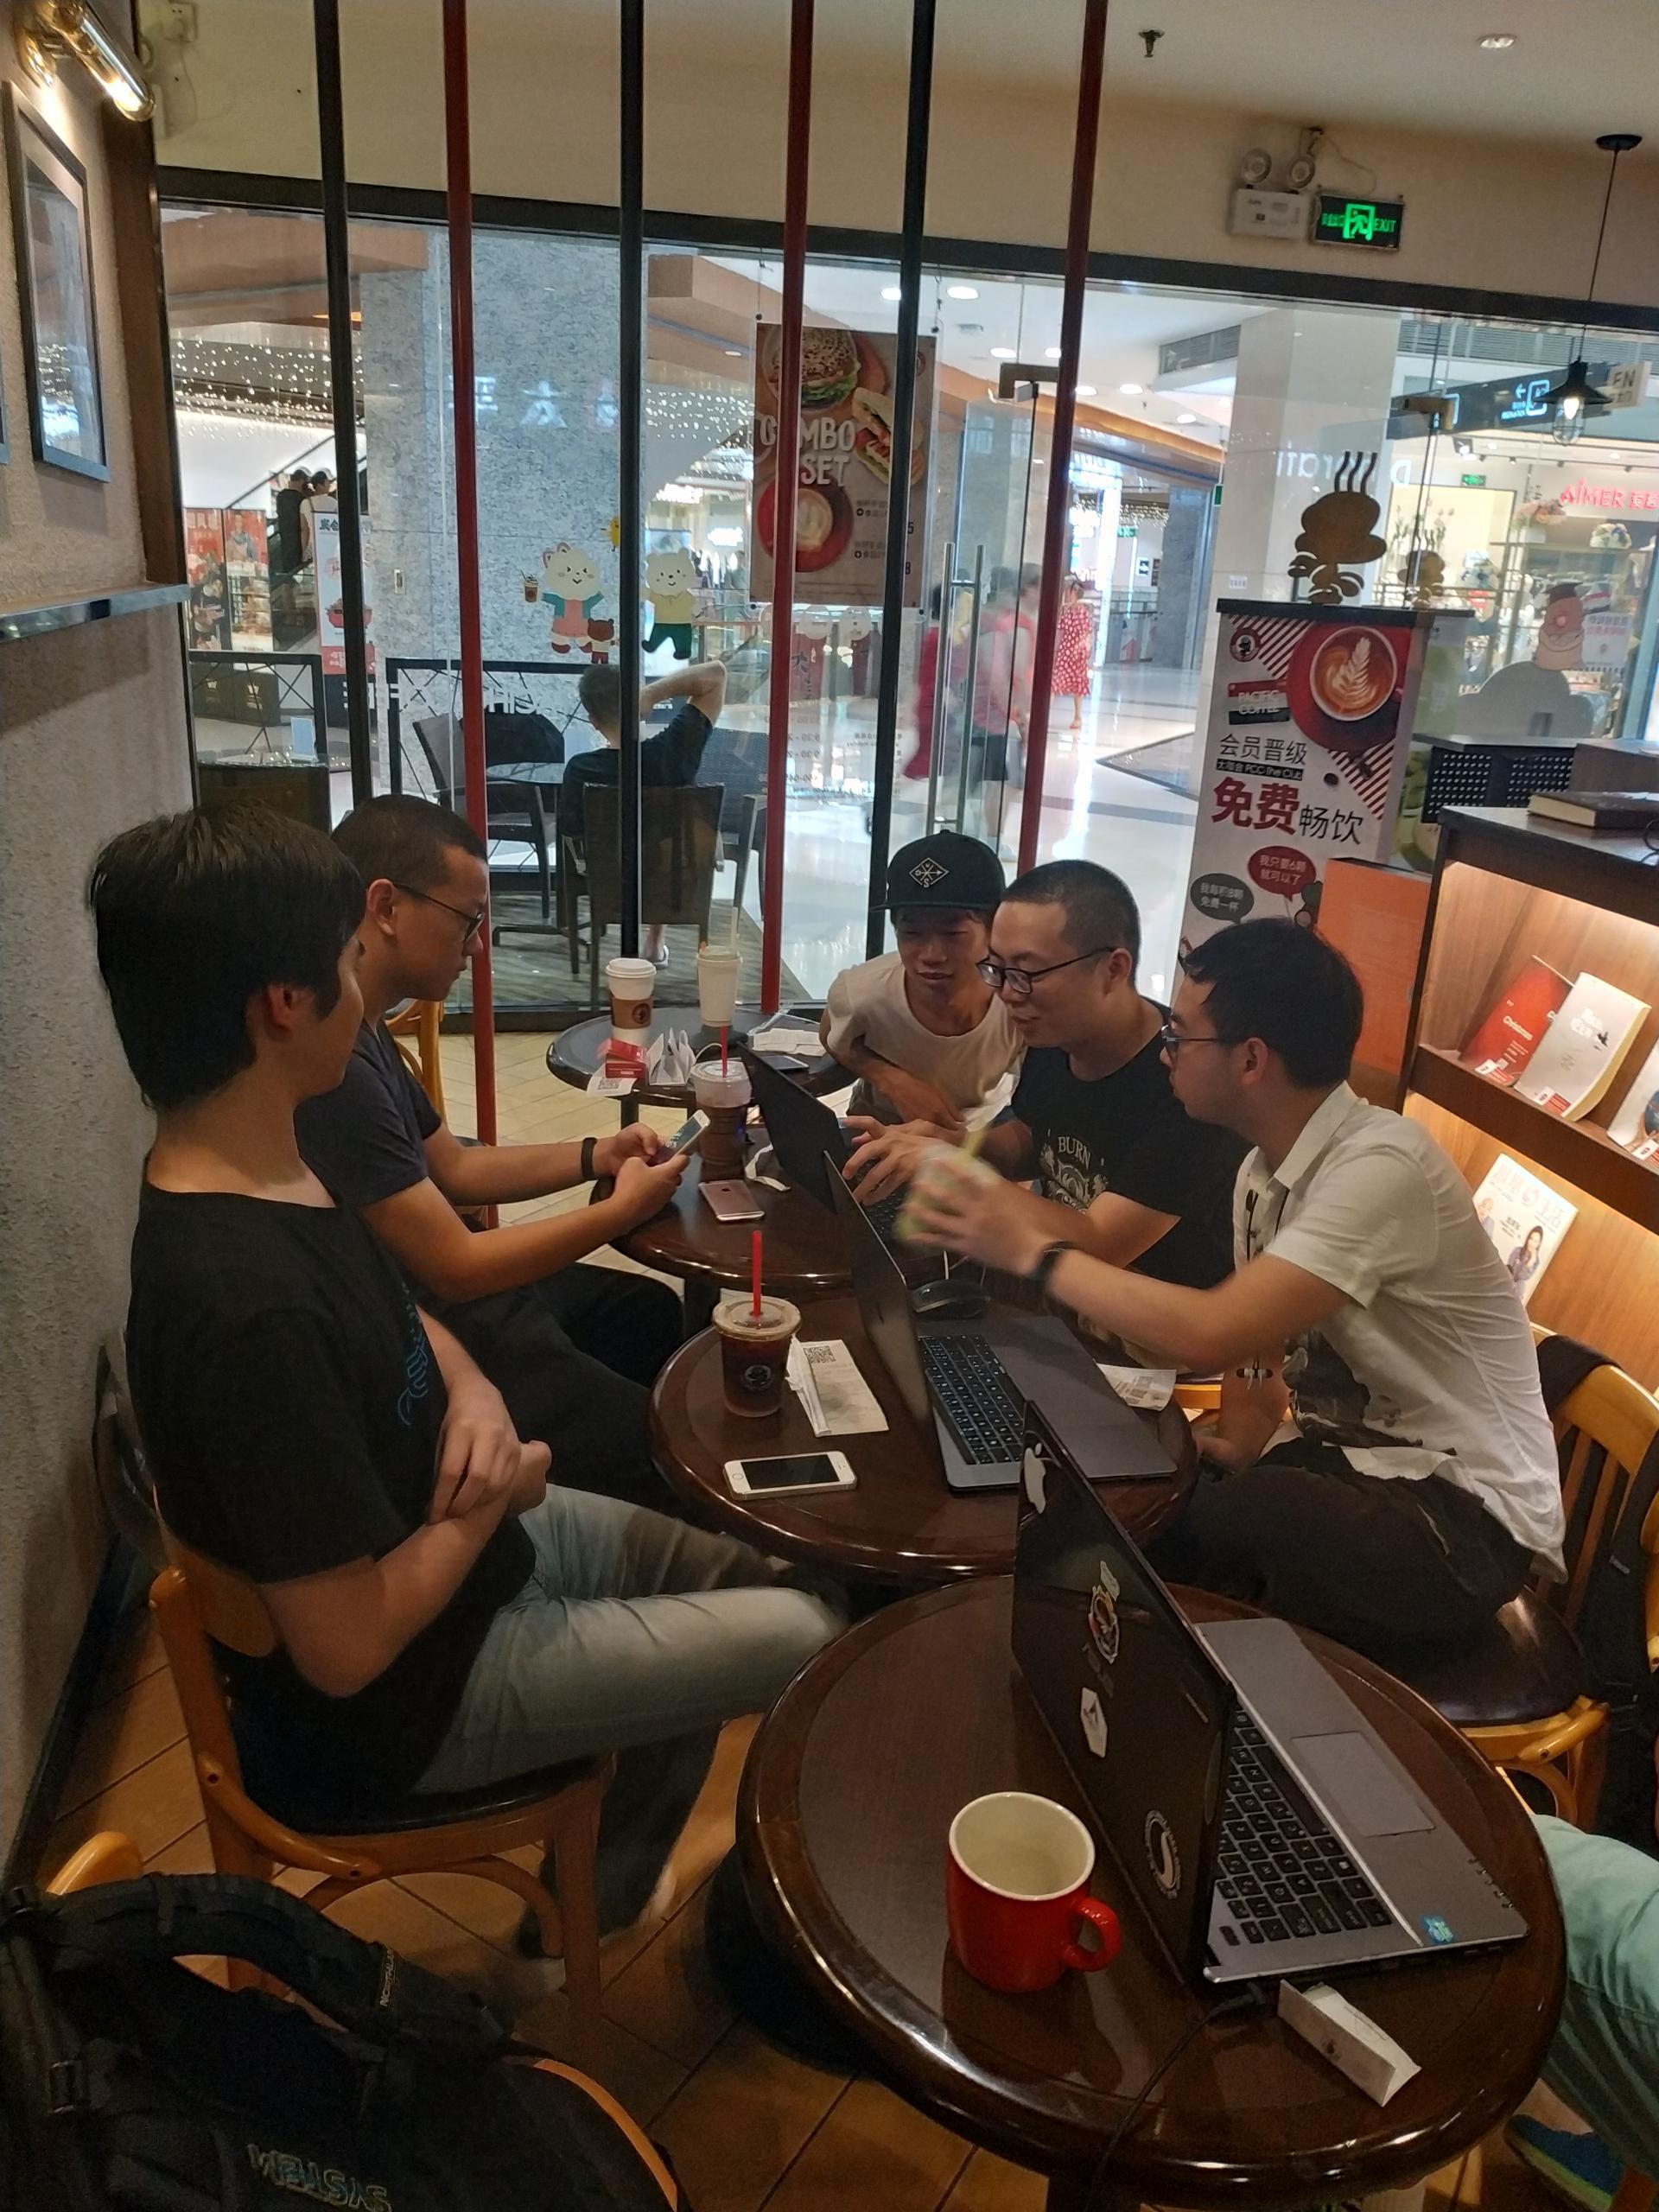 2019年7月24日武汉LINUX用户组活动回顾